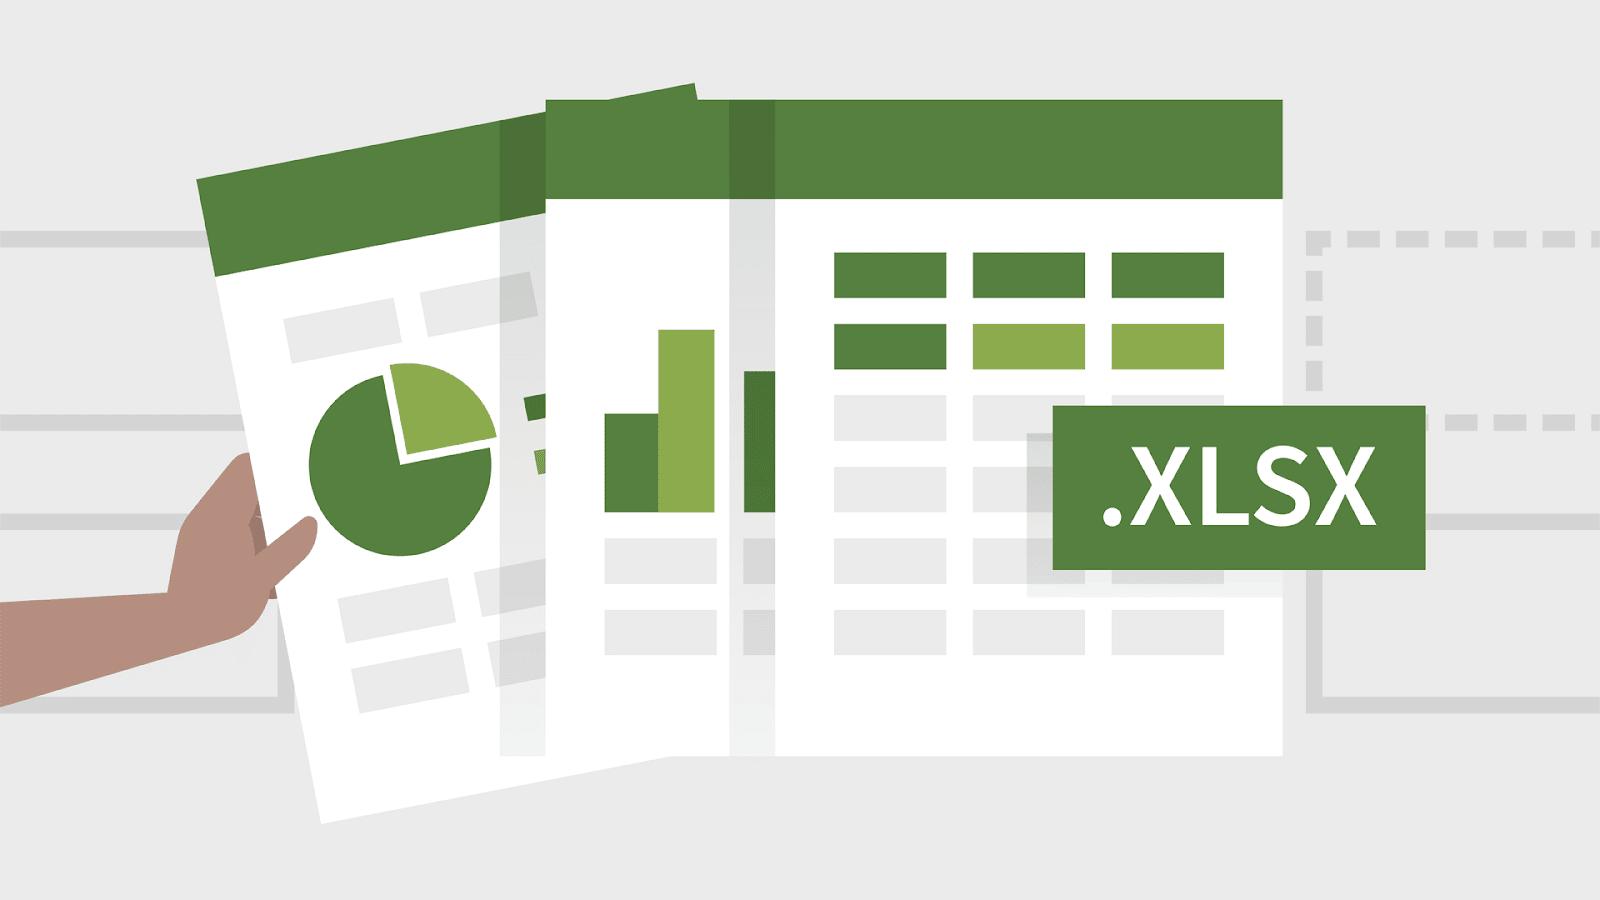 Bạn đã sử dụng một chức năng Excel chắc chắn thời gian trước ... Nhưng bạn không thể nhớ nó ở đâu. Không vấn đề gì, Tell Me có khả năng giúp!